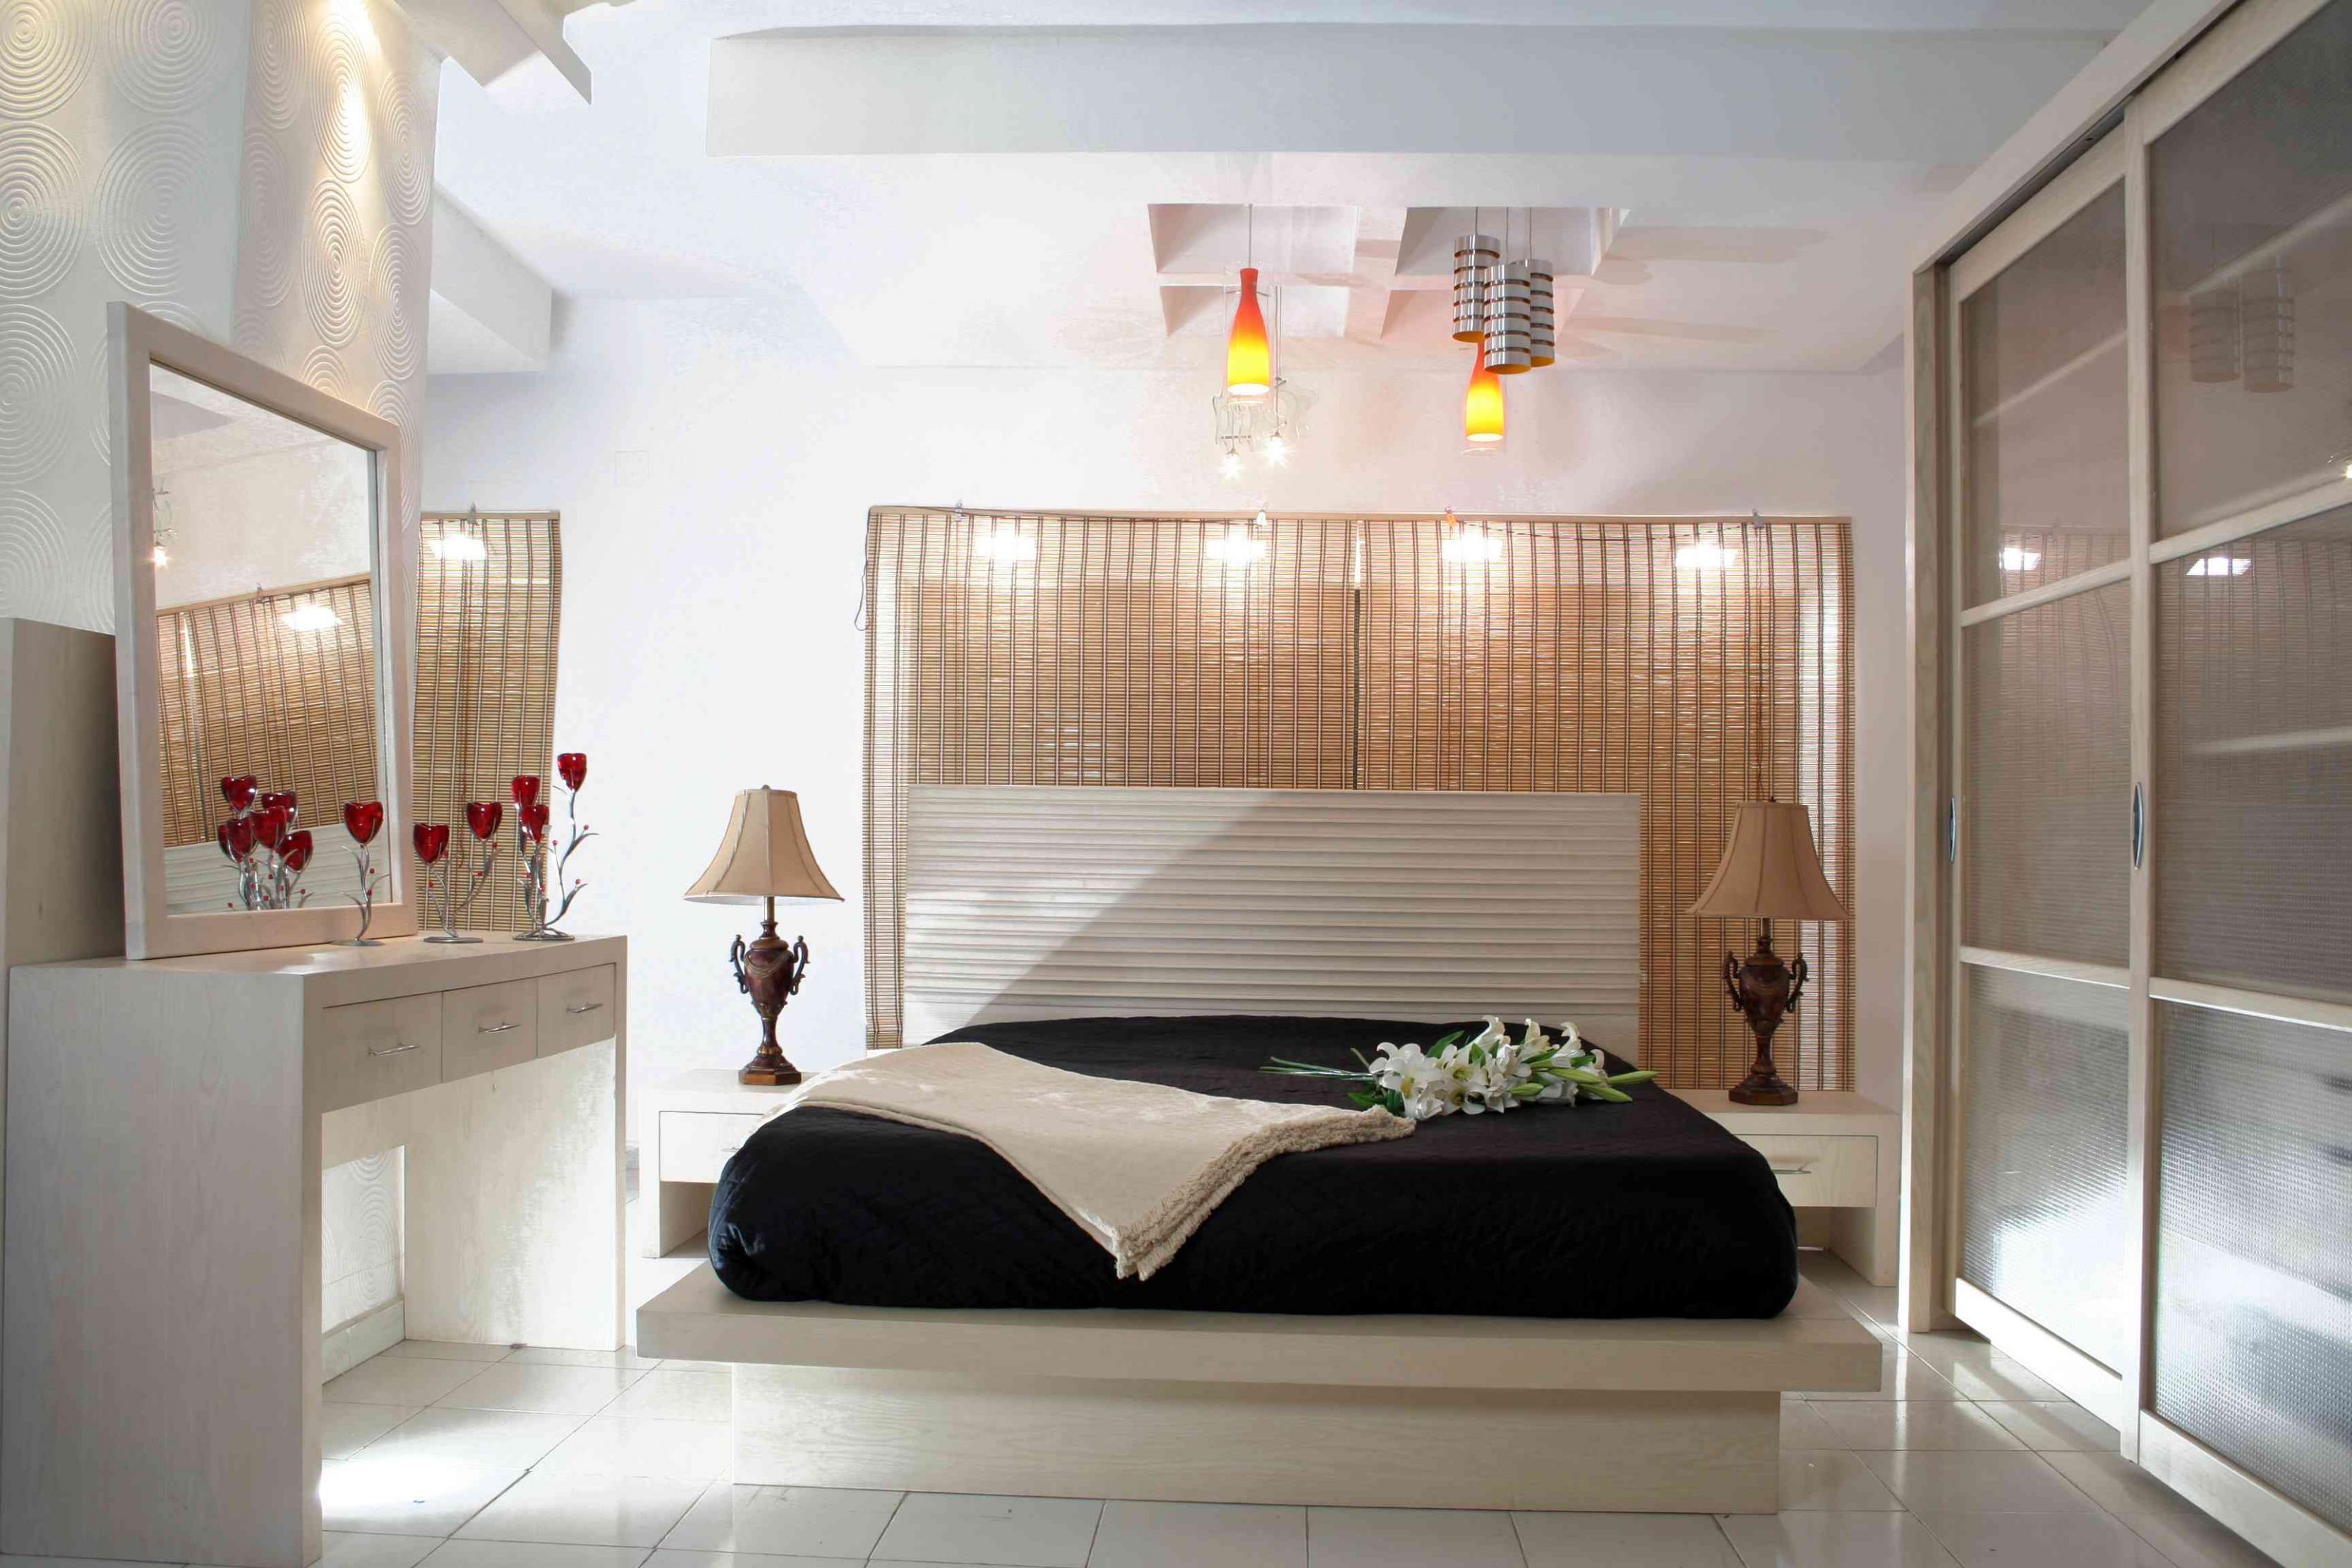 بالصور احدث موديلات غرف النوم , تشكيلة شيك جدا من غرف النوم 3472 7